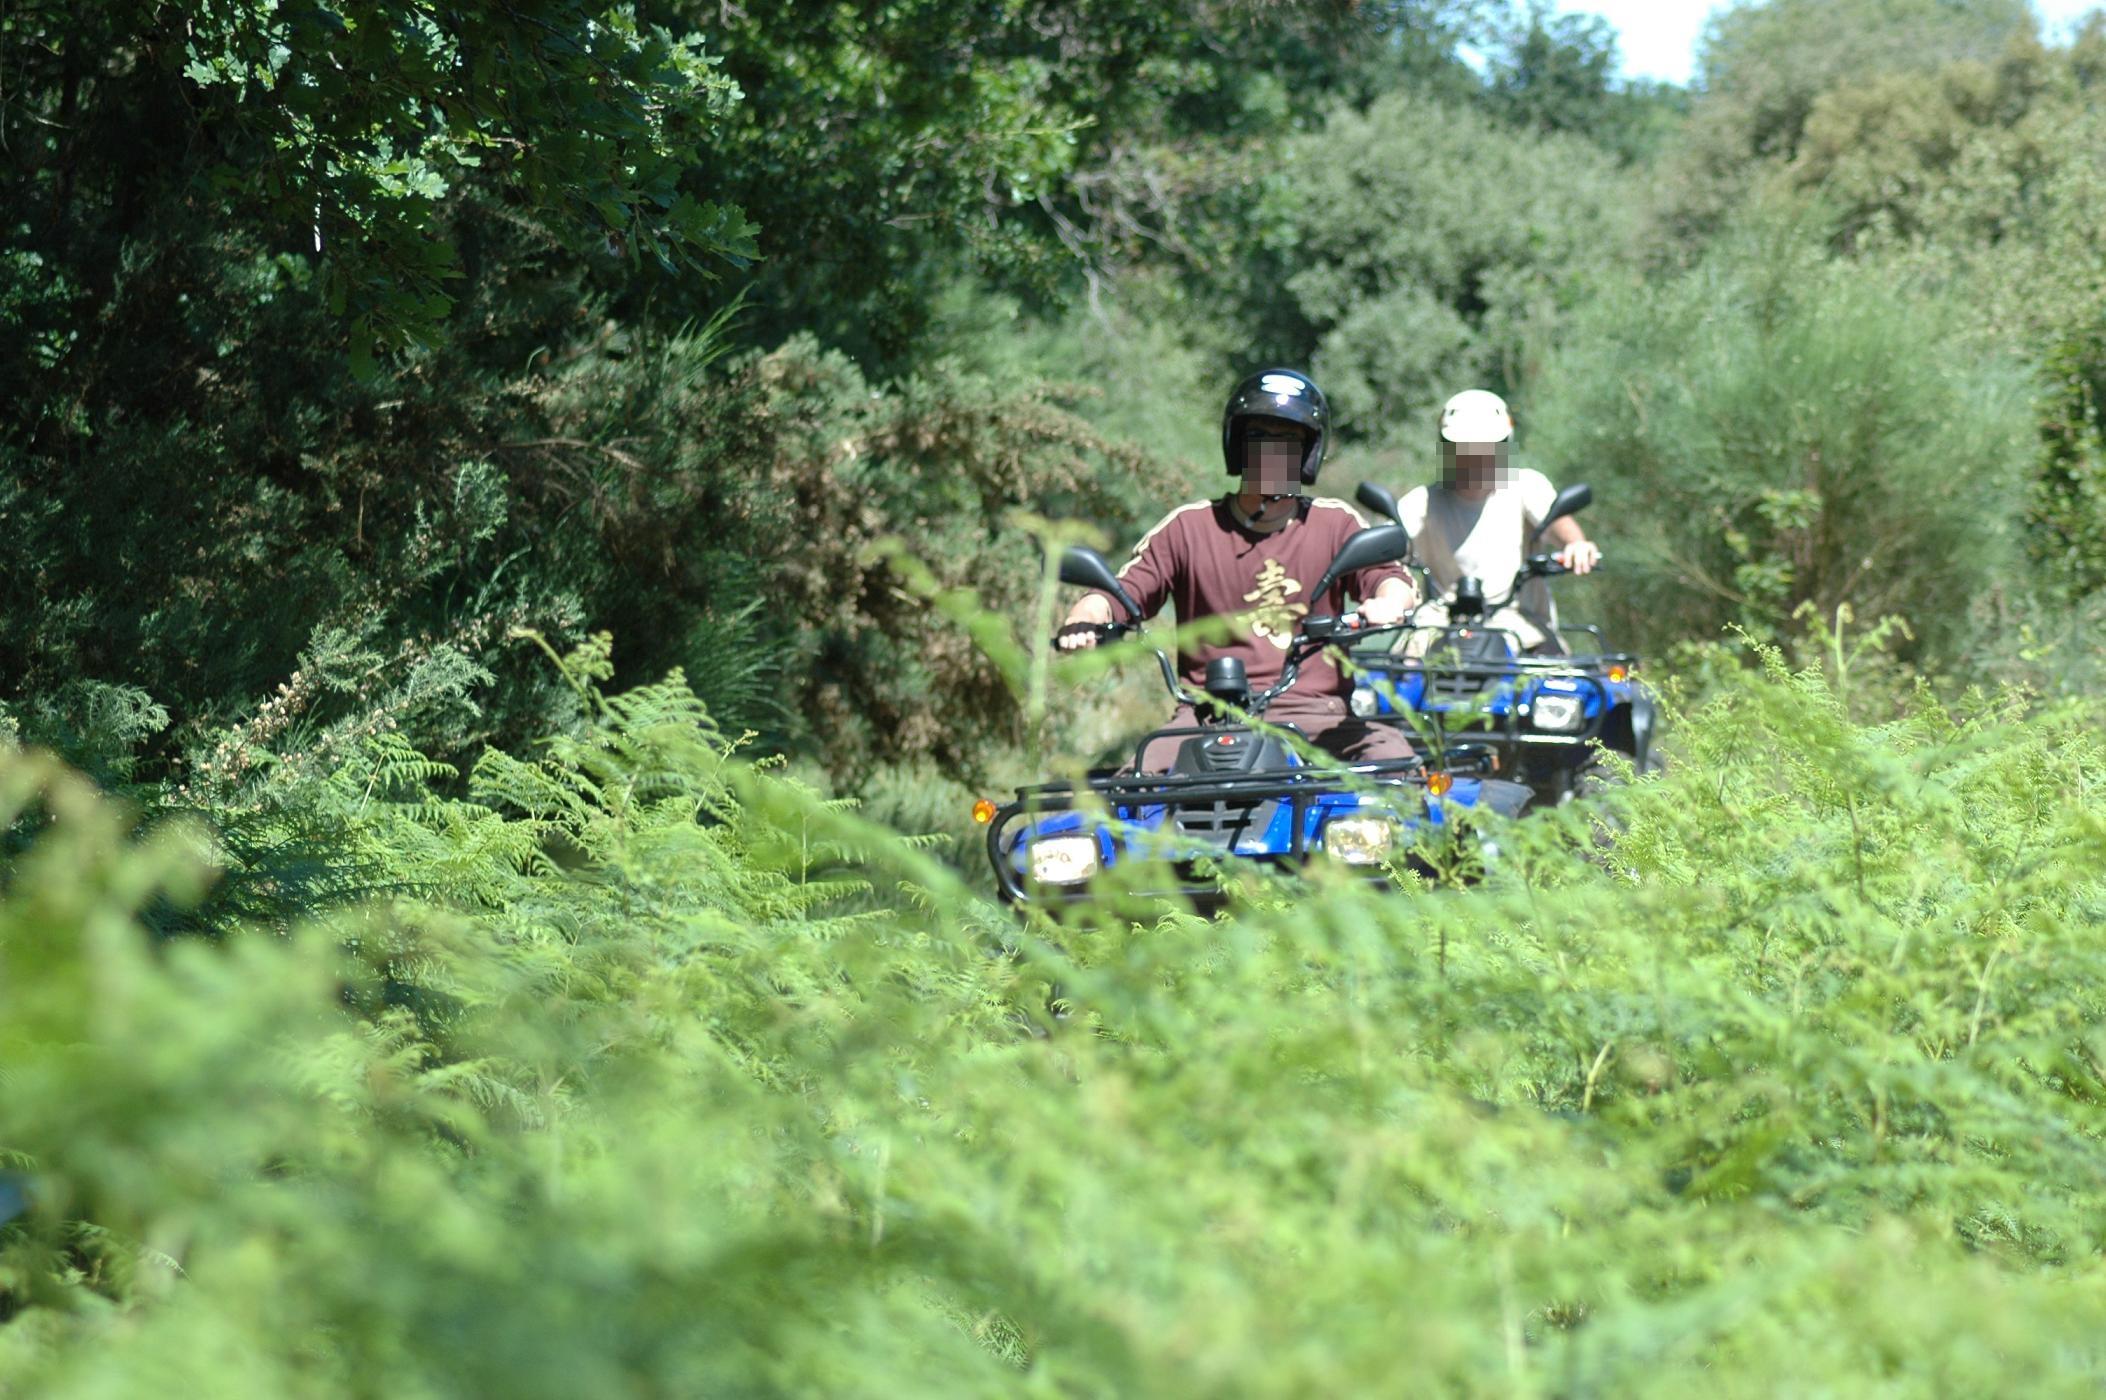 Rouen : six motos et un quad confisqués lors d'une opération anti-rodéos en forêt